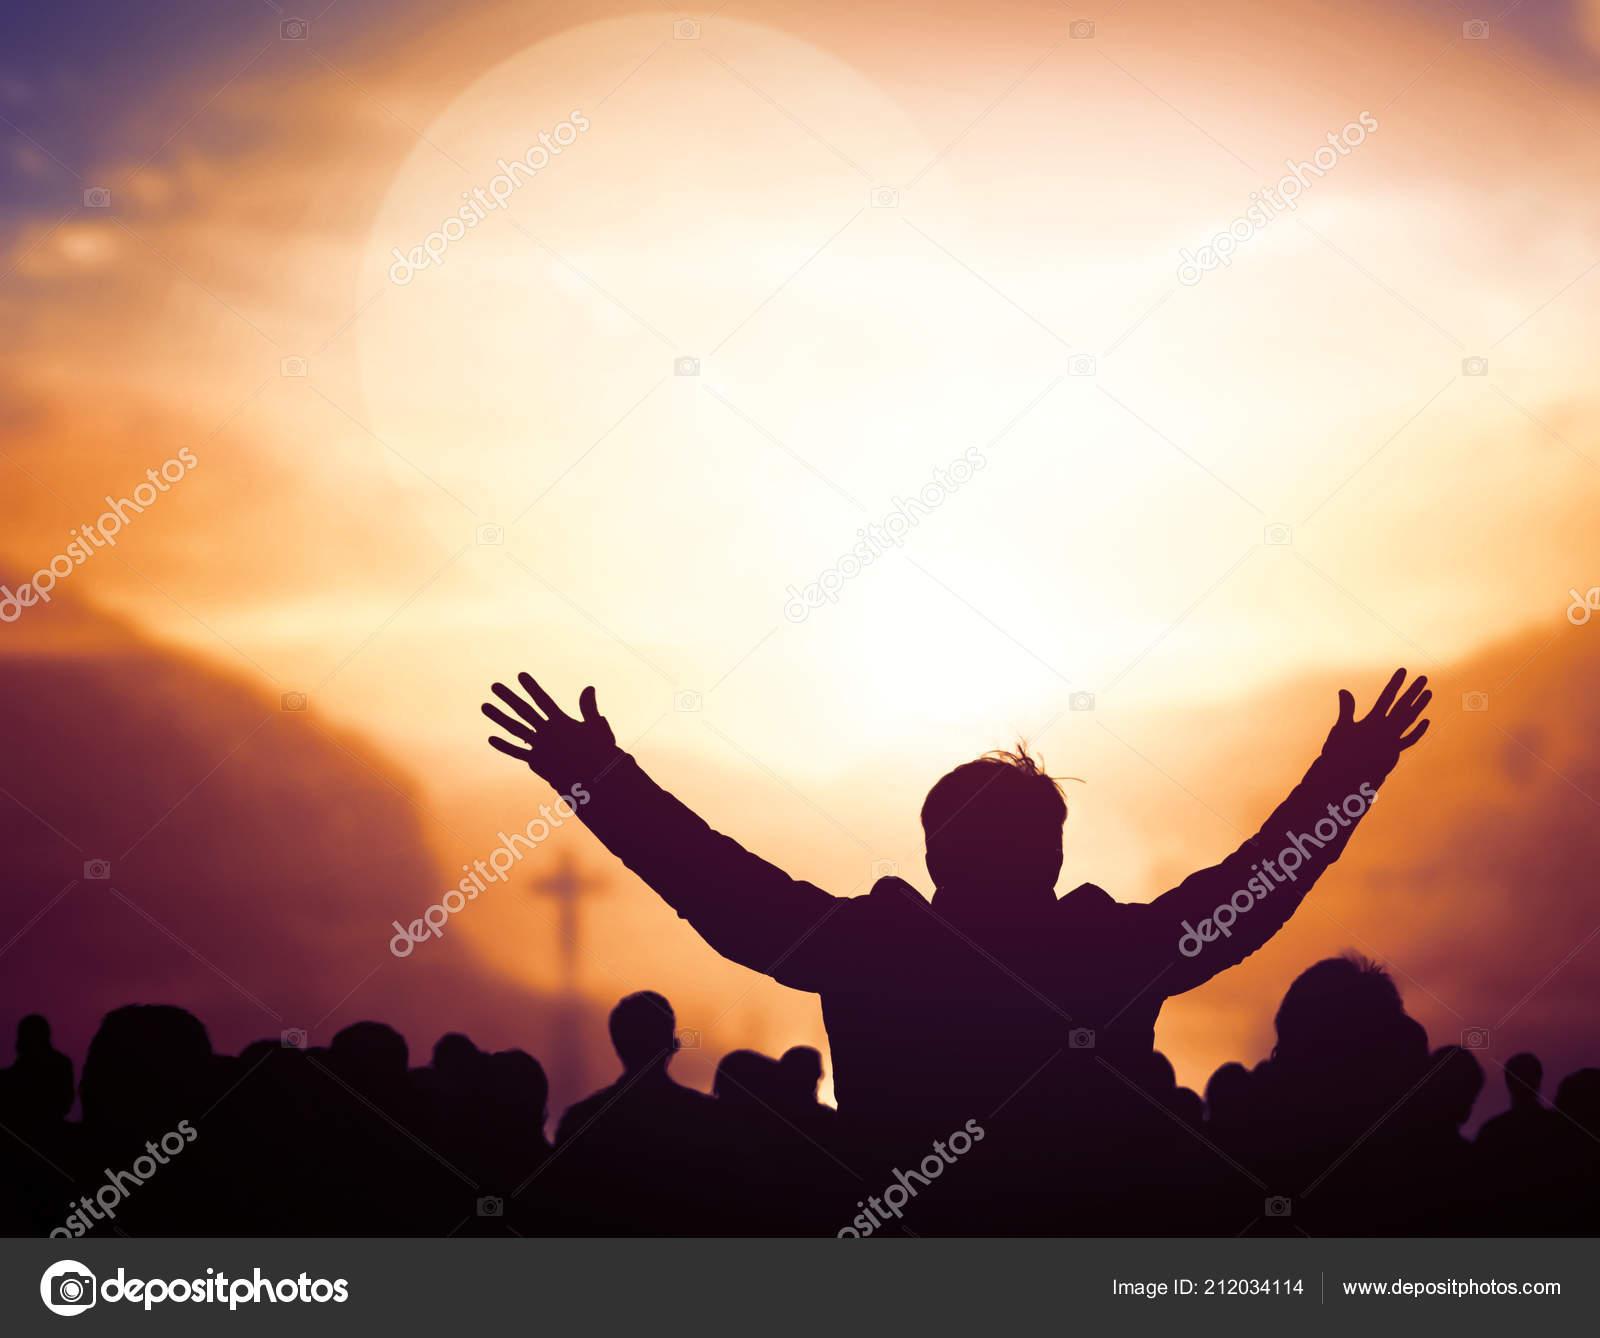 Alabanzas Cristianas De Adoracion alabanza adoración concepto silueta rezos cristianos